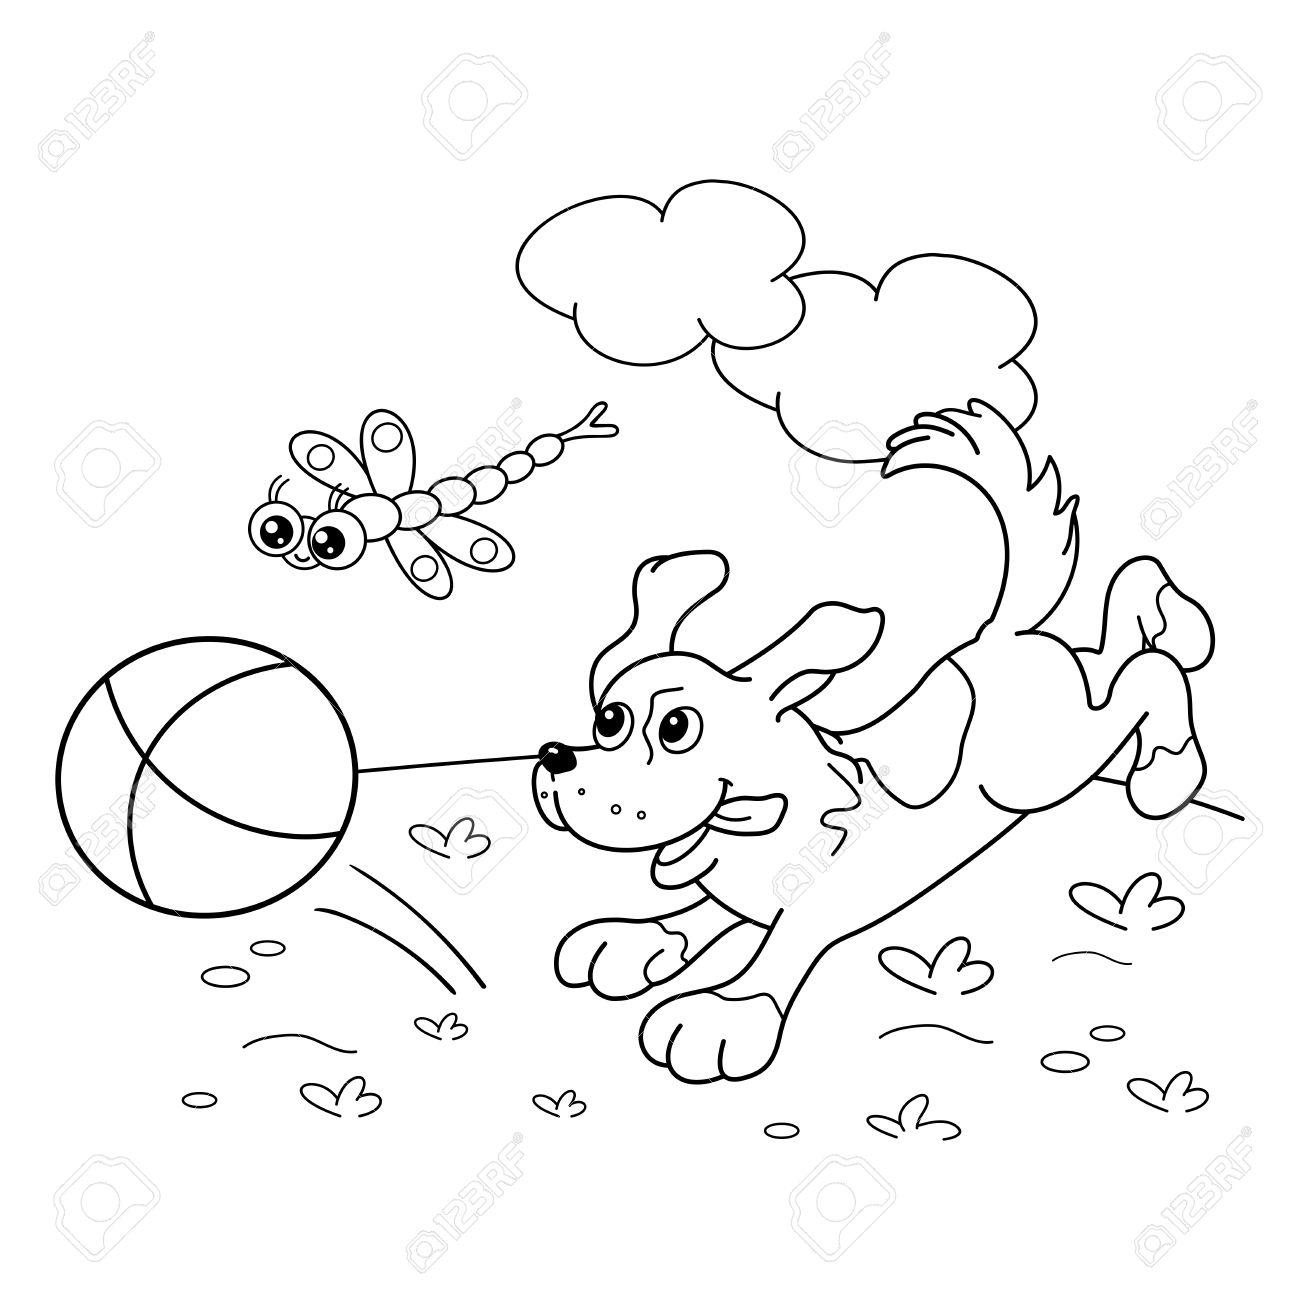 Página Para Colorear Esquema De Perro De Dibujos Animados Con La Pelota Y Con La Libélula Libro De Colorear Para Niños